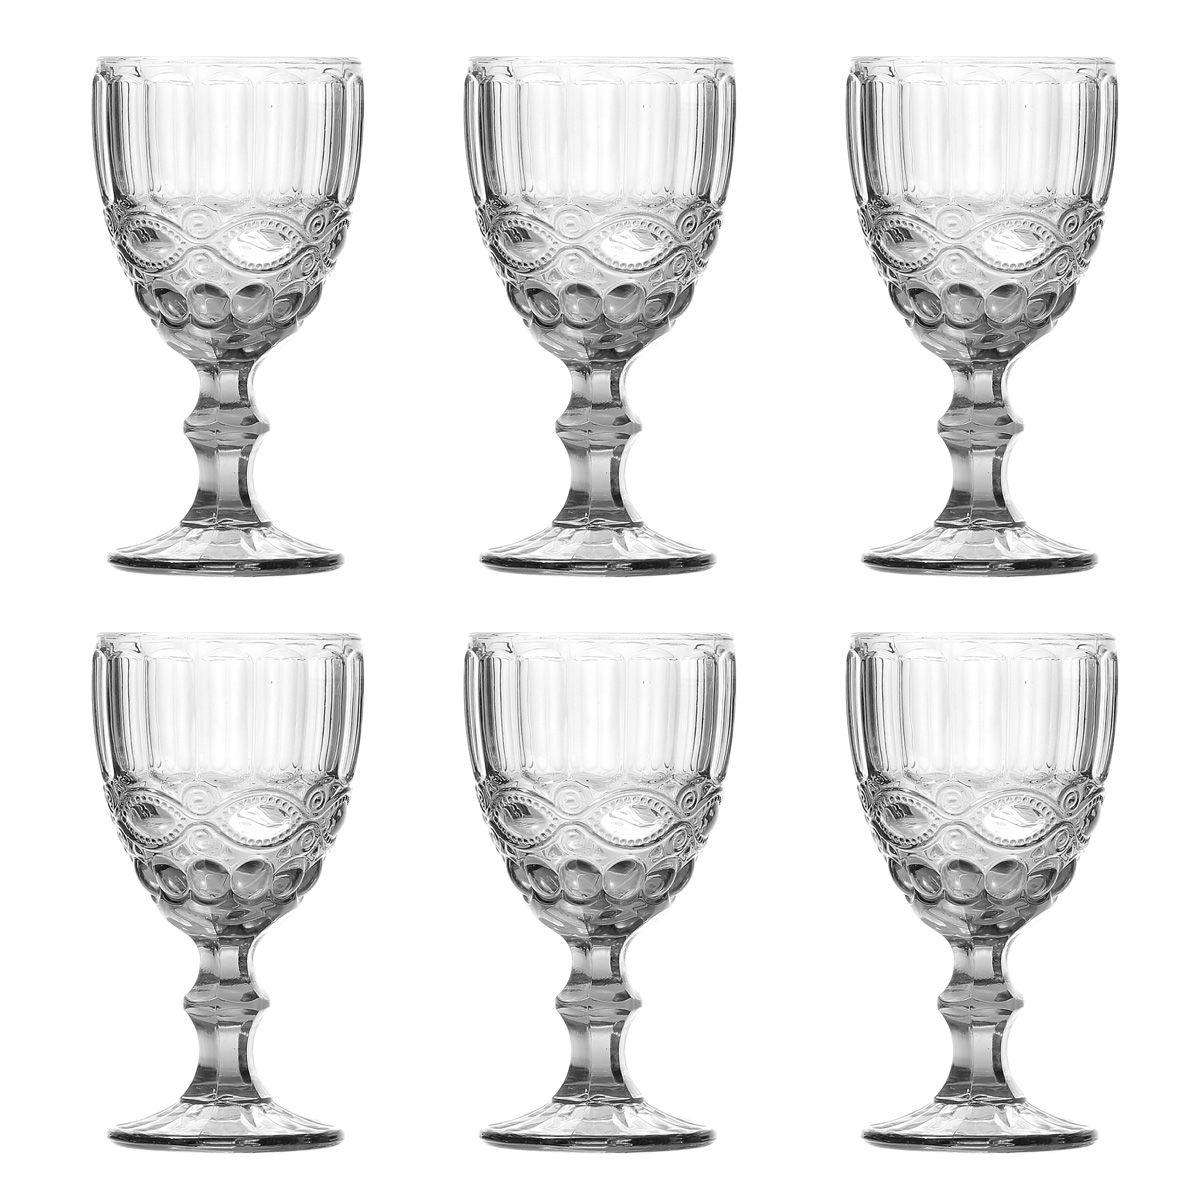 Jogo 6 taças 260ml para água de vidro transparente Libélula Lyor - L6479